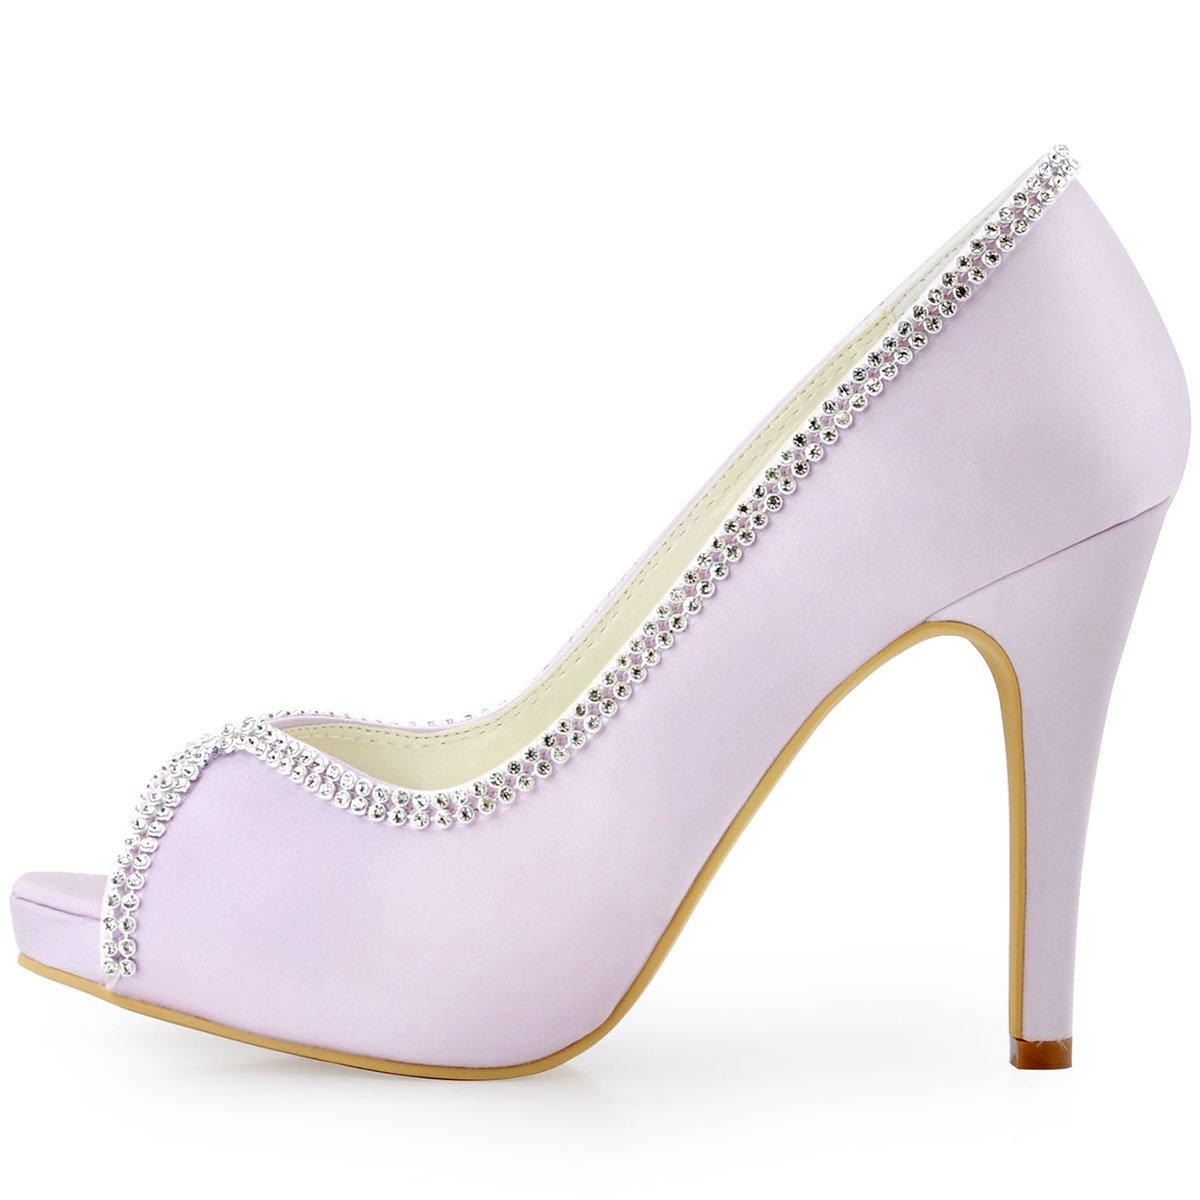 De Ep11083 Ouvert Chaussures Escarpins Chaine Bal Bout Plateforme Elegantpark Mariee Satin Aiguille Ip Femme Diamant kPiuZOXT